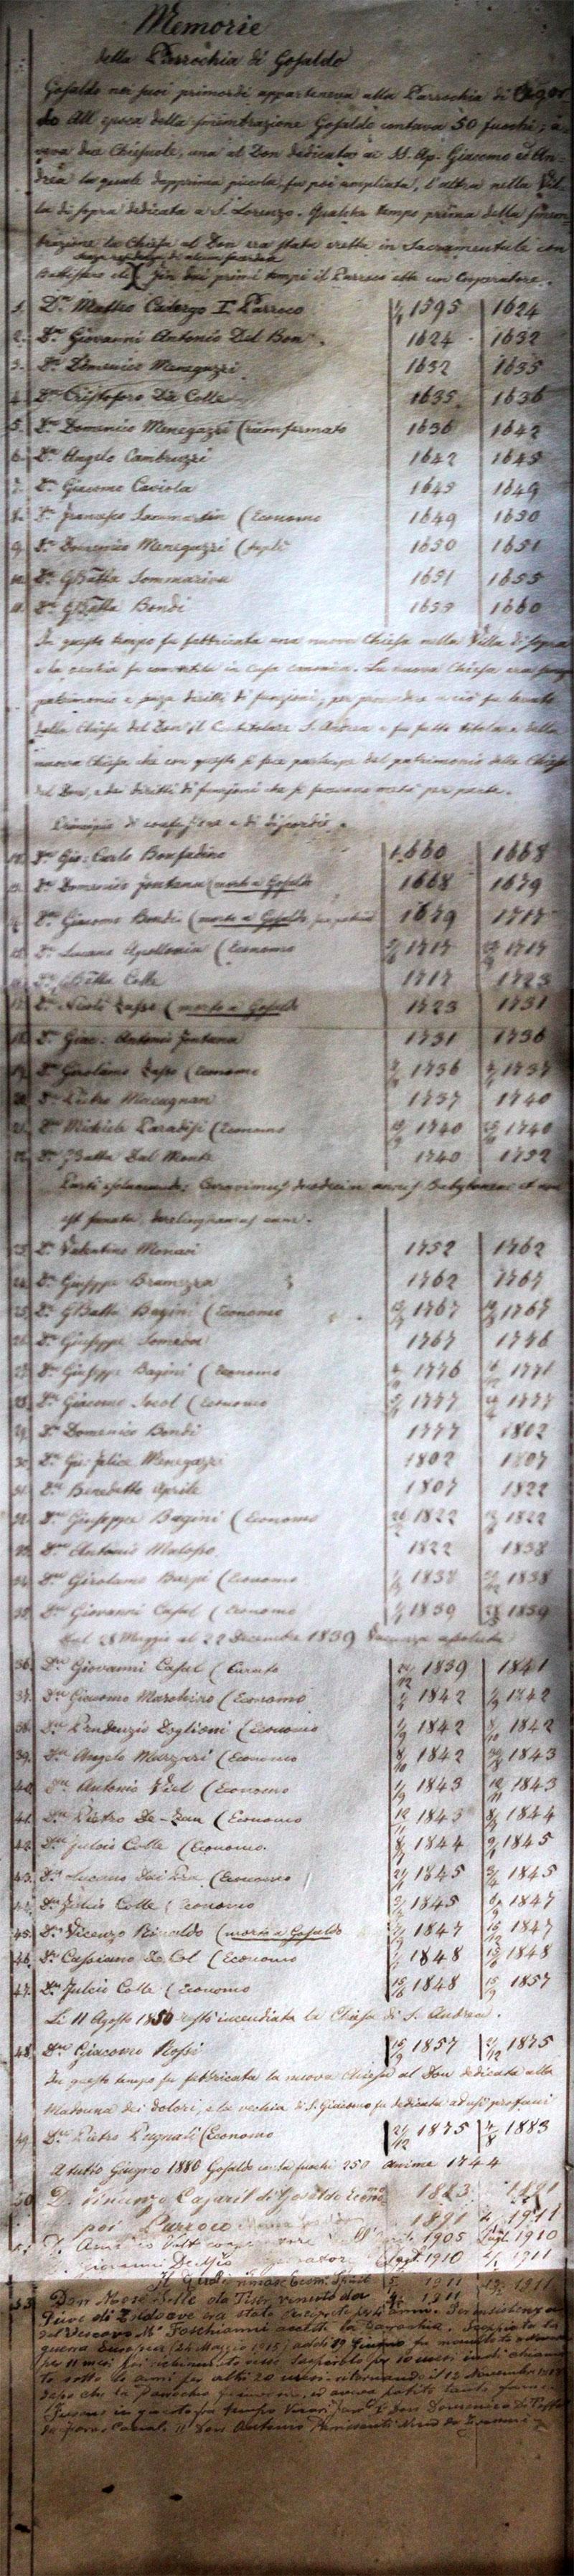 Elenco incompleto dei parroci di Gosaldo: dagli albori fino alla prima metà del Novecento